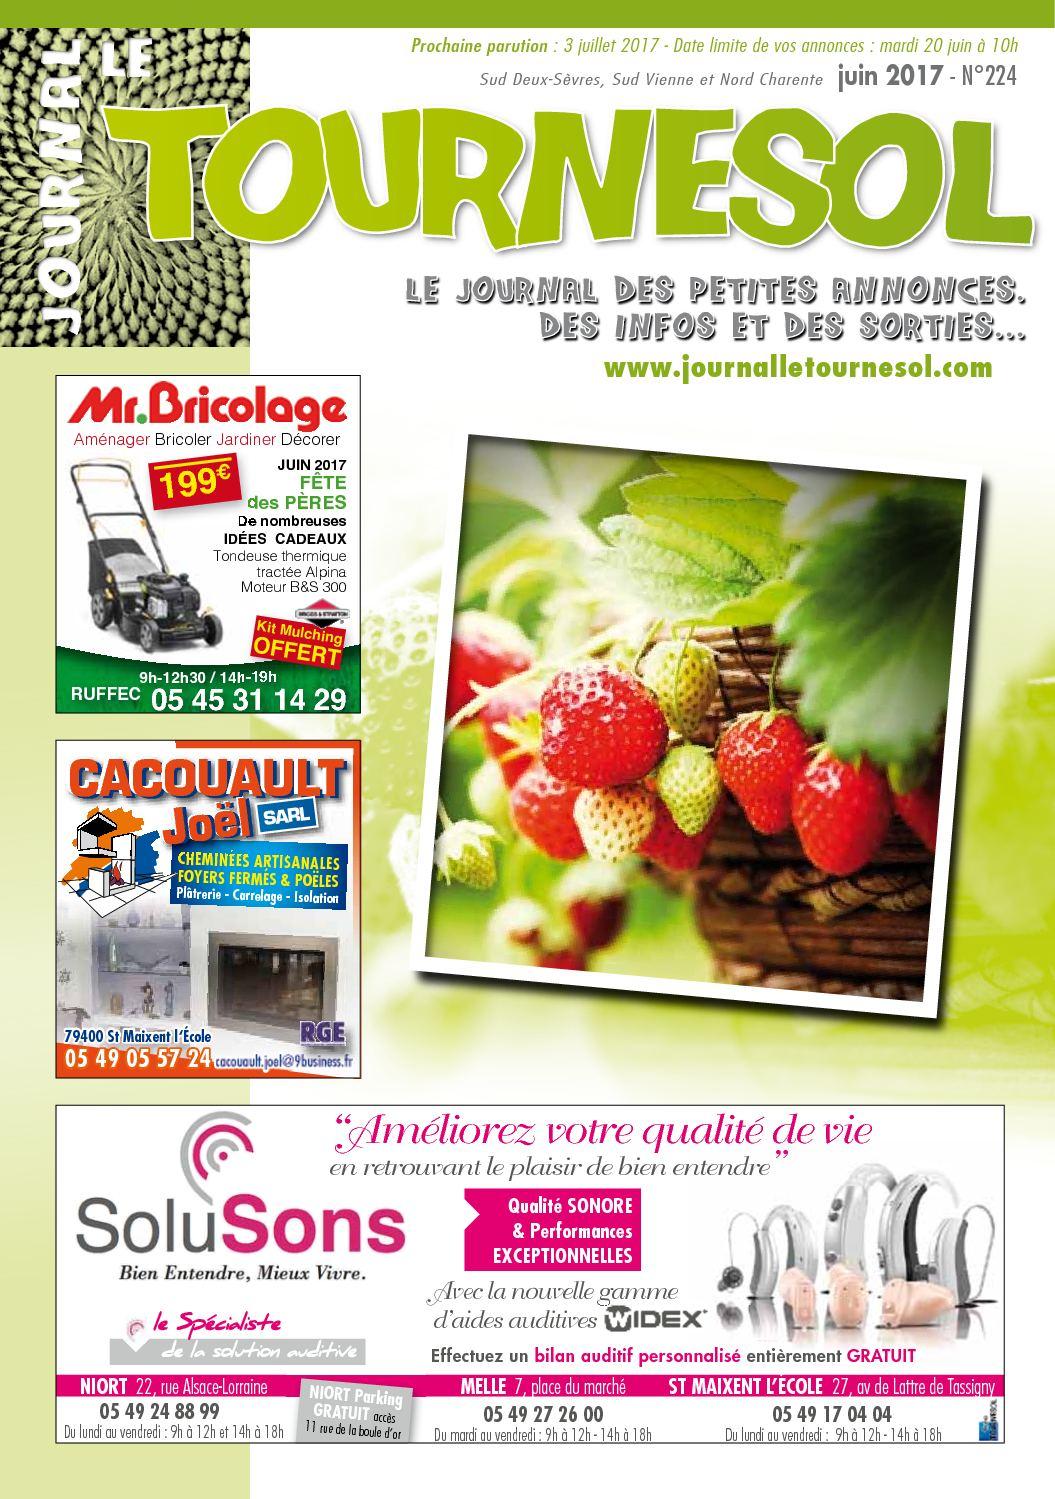 Cadeau Leclerc Génial Calaméo Journal Le tournesol Juin 2017 Of 37 Élégant Cadeau Leclerc